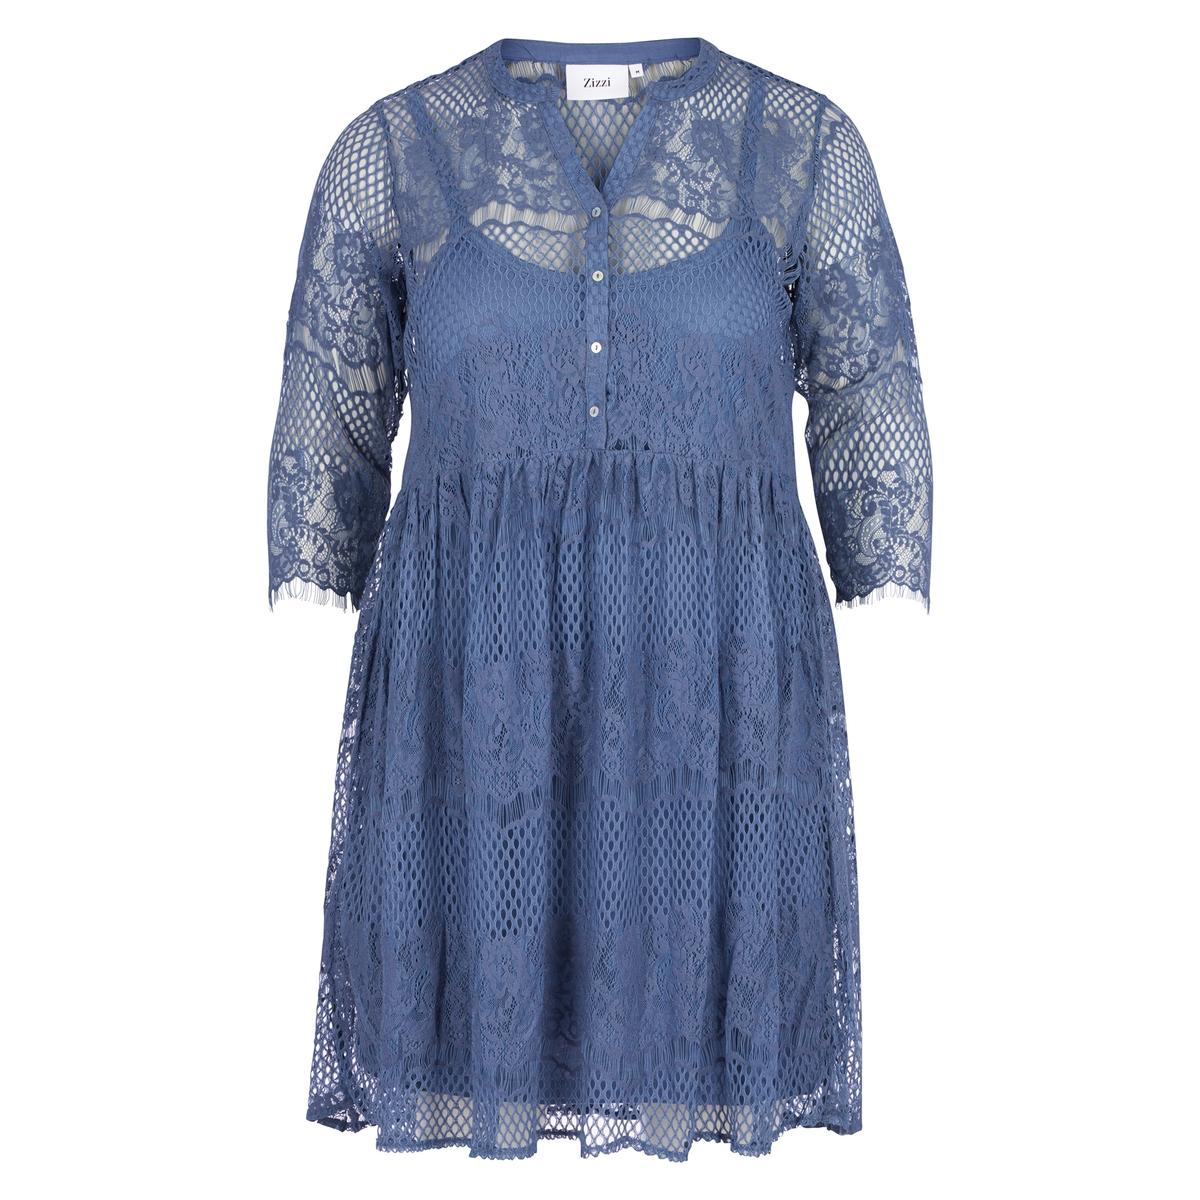 Платье расклешенное из кружева с круглым вырезом и рукавами 3/4 платье расклешенное с длинными рукавами и круглым вырезом